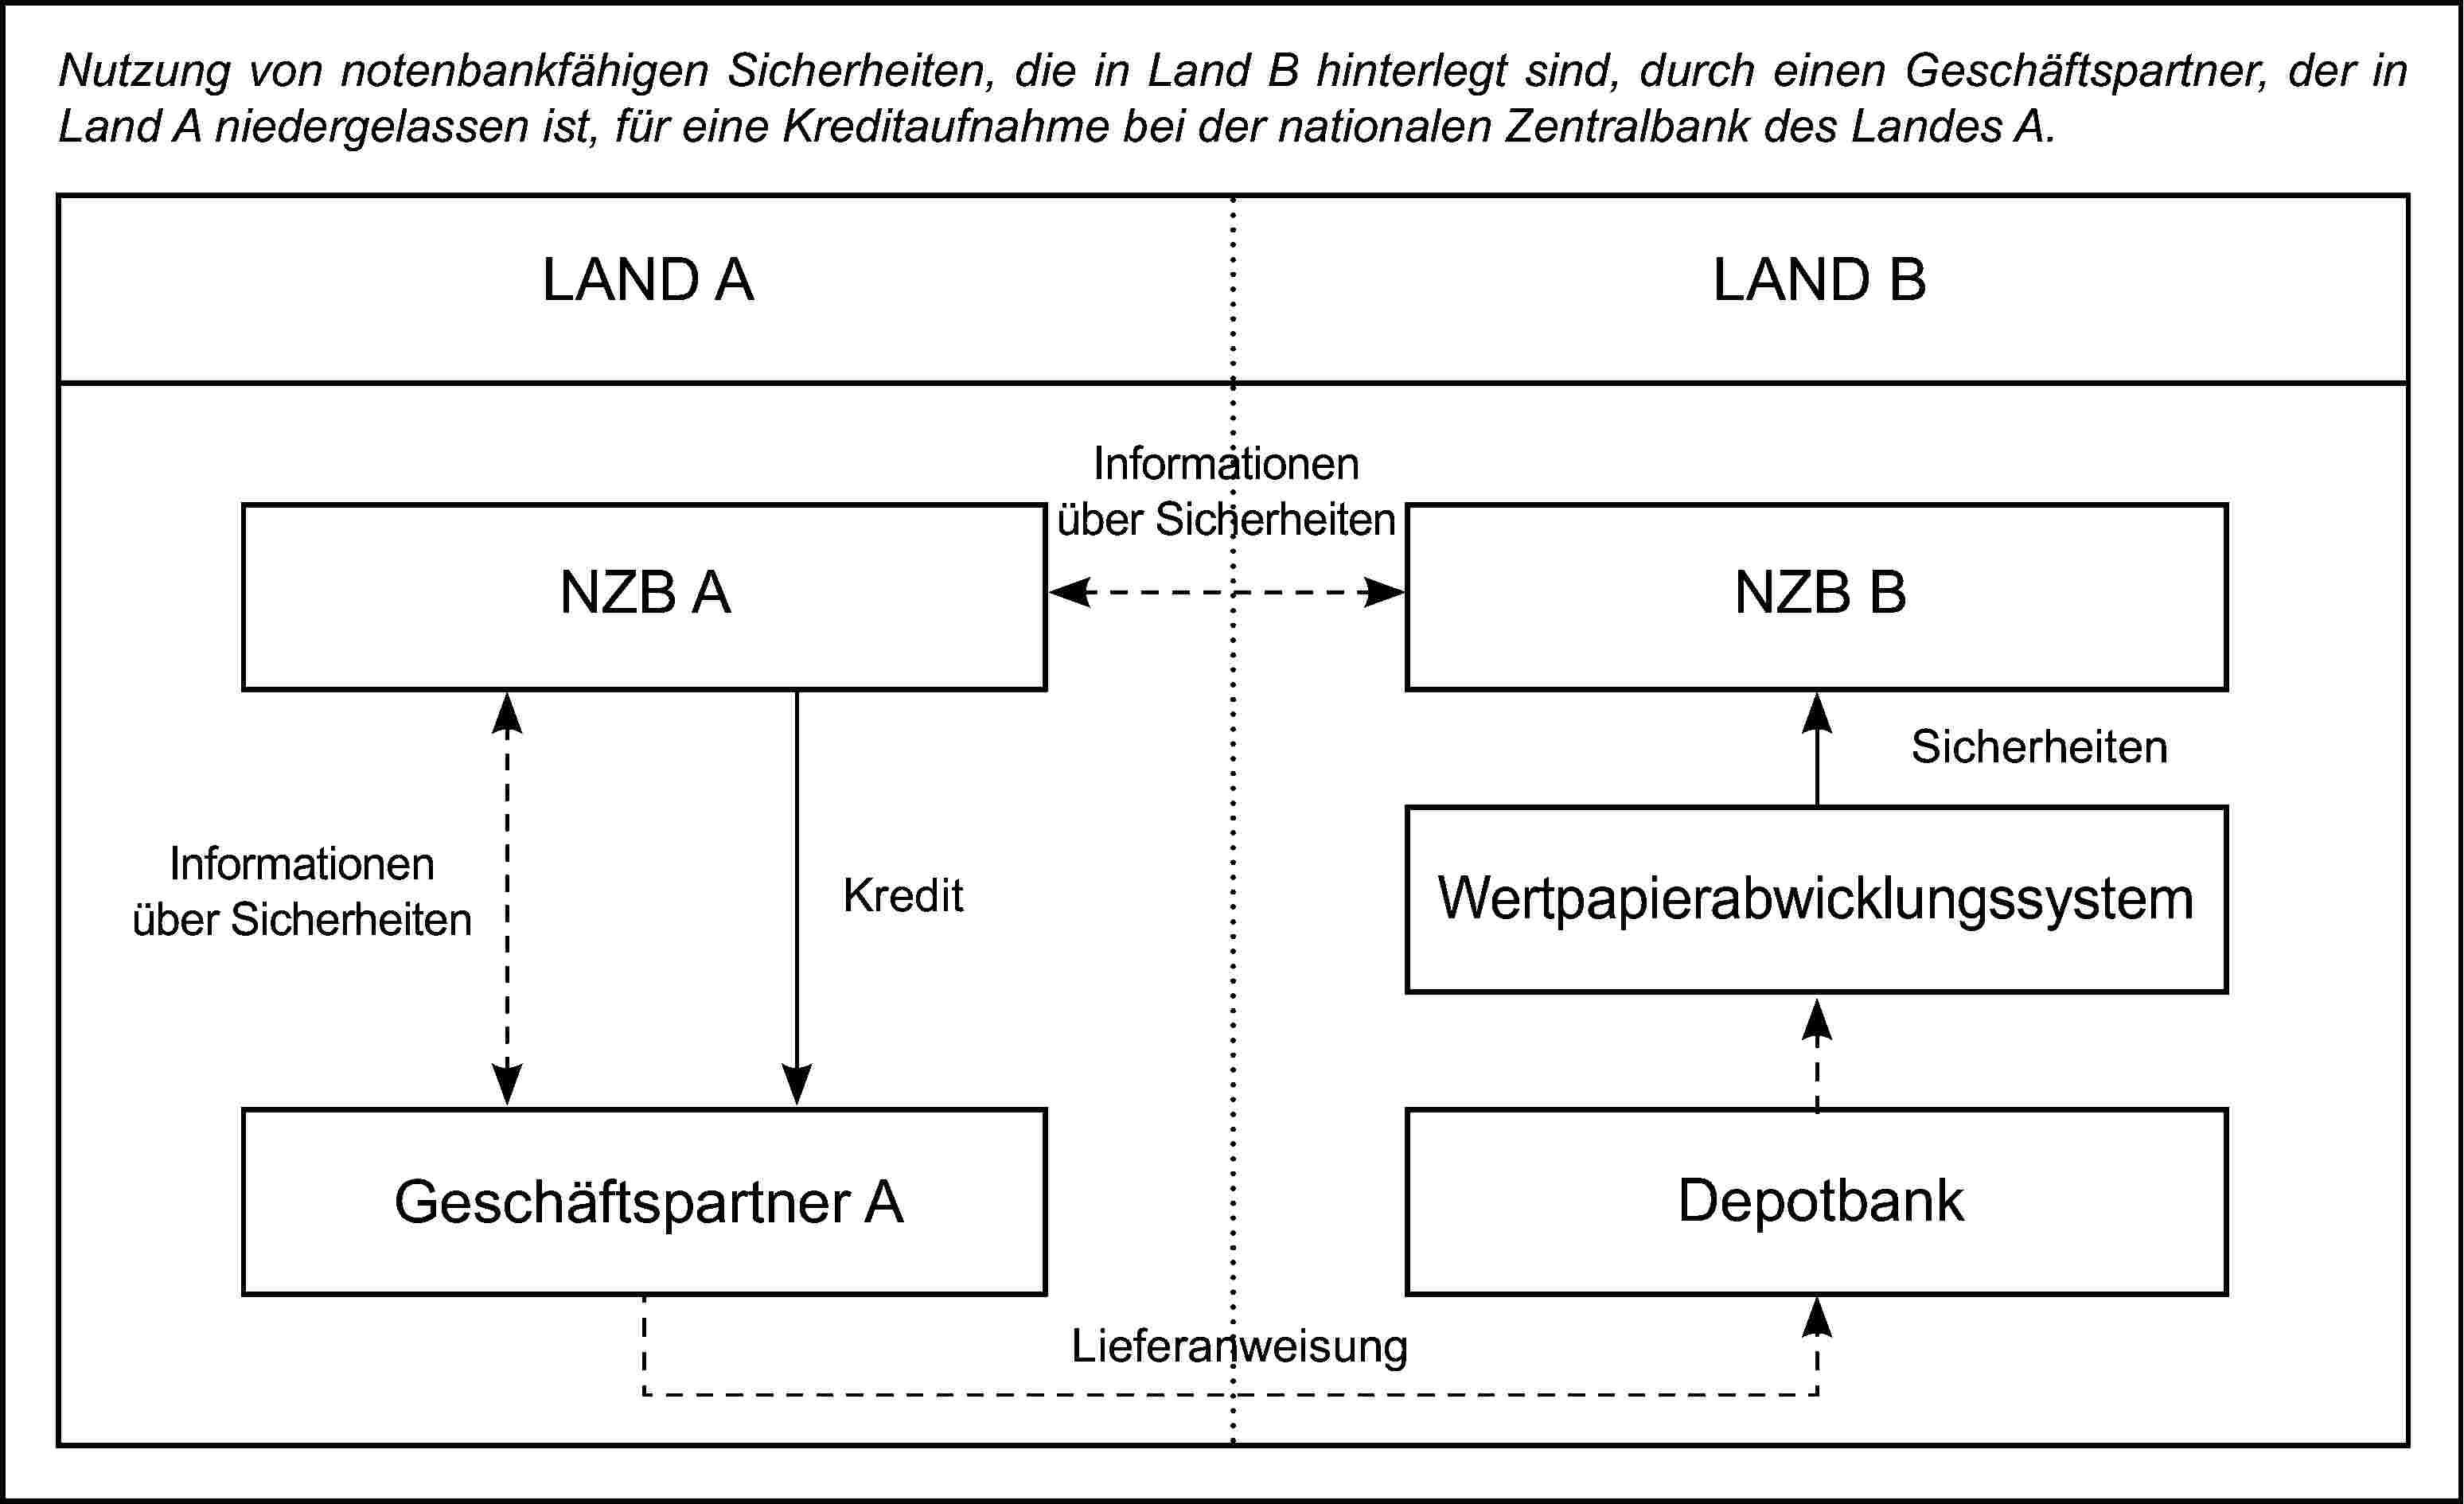 EUR-Lex - 02000X0776-20070101 - EN - EUR-Lex